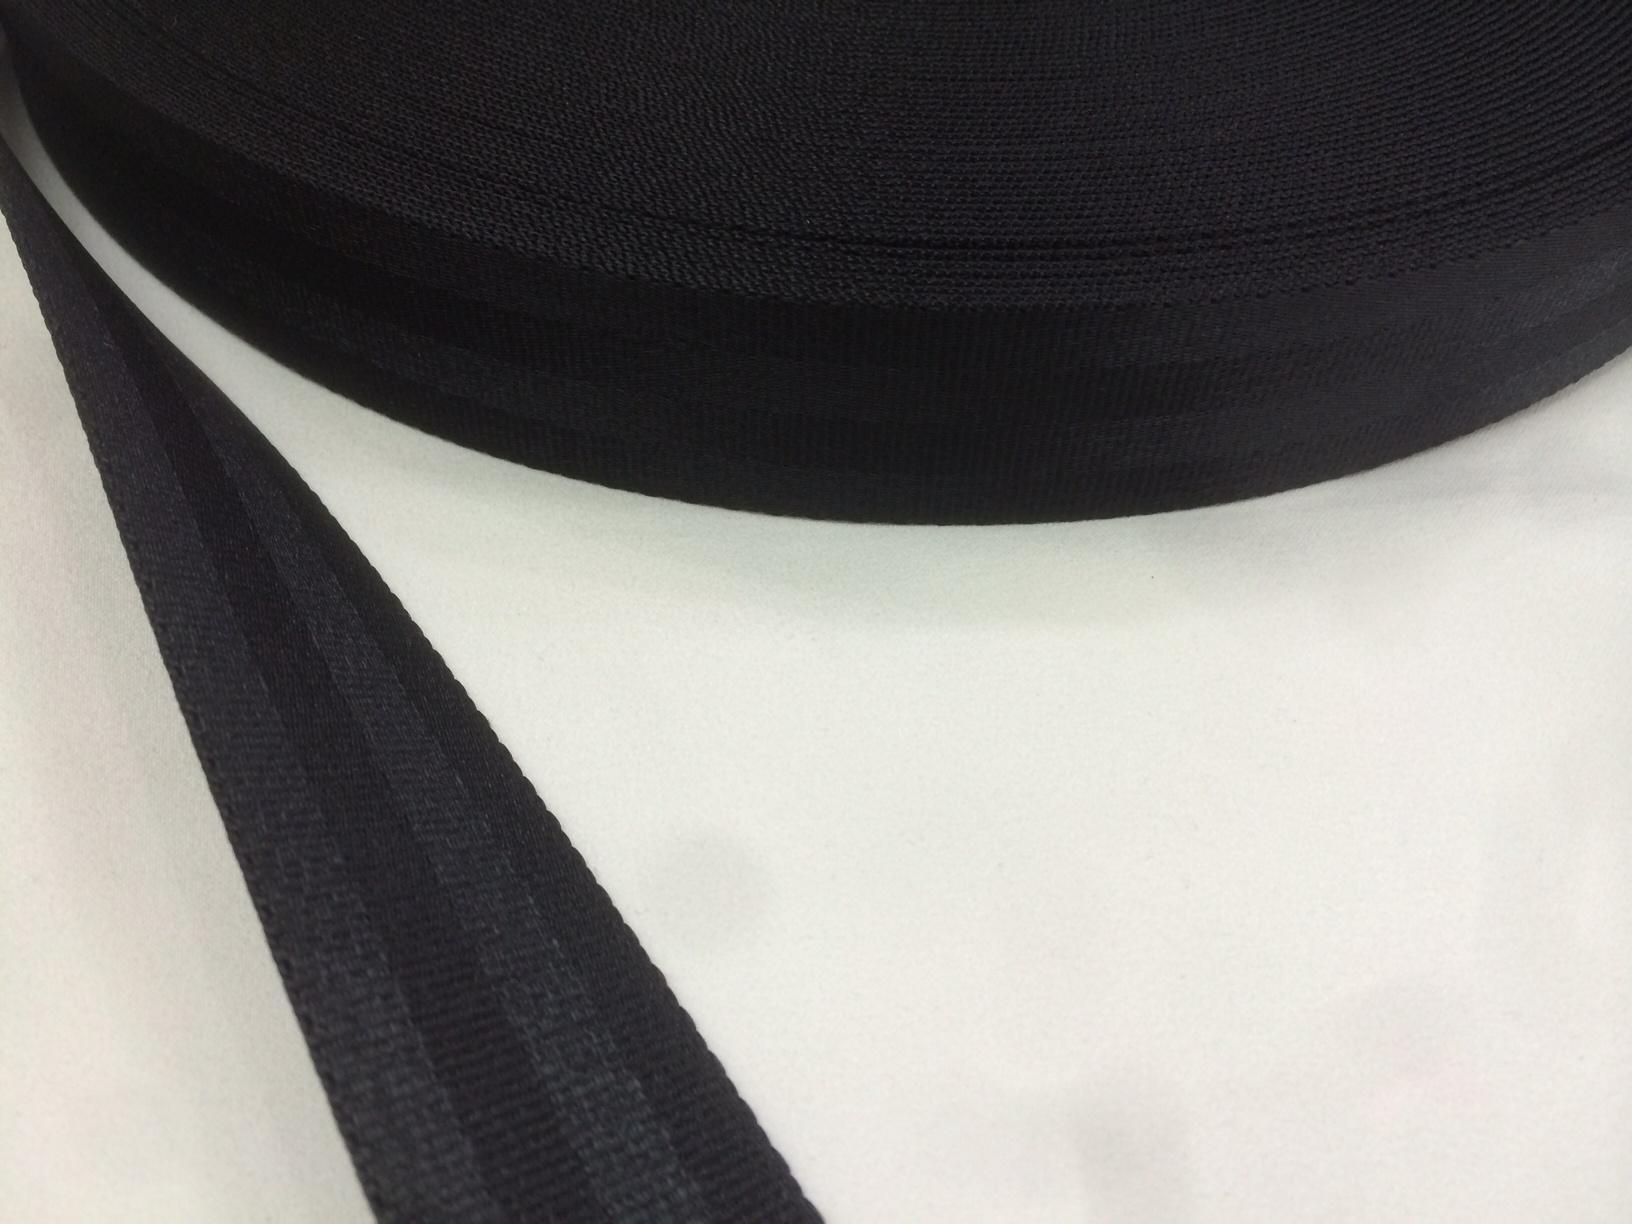 ナイロン 二ツ山織 30㎜幅 1.6㎜厚 黒 1m